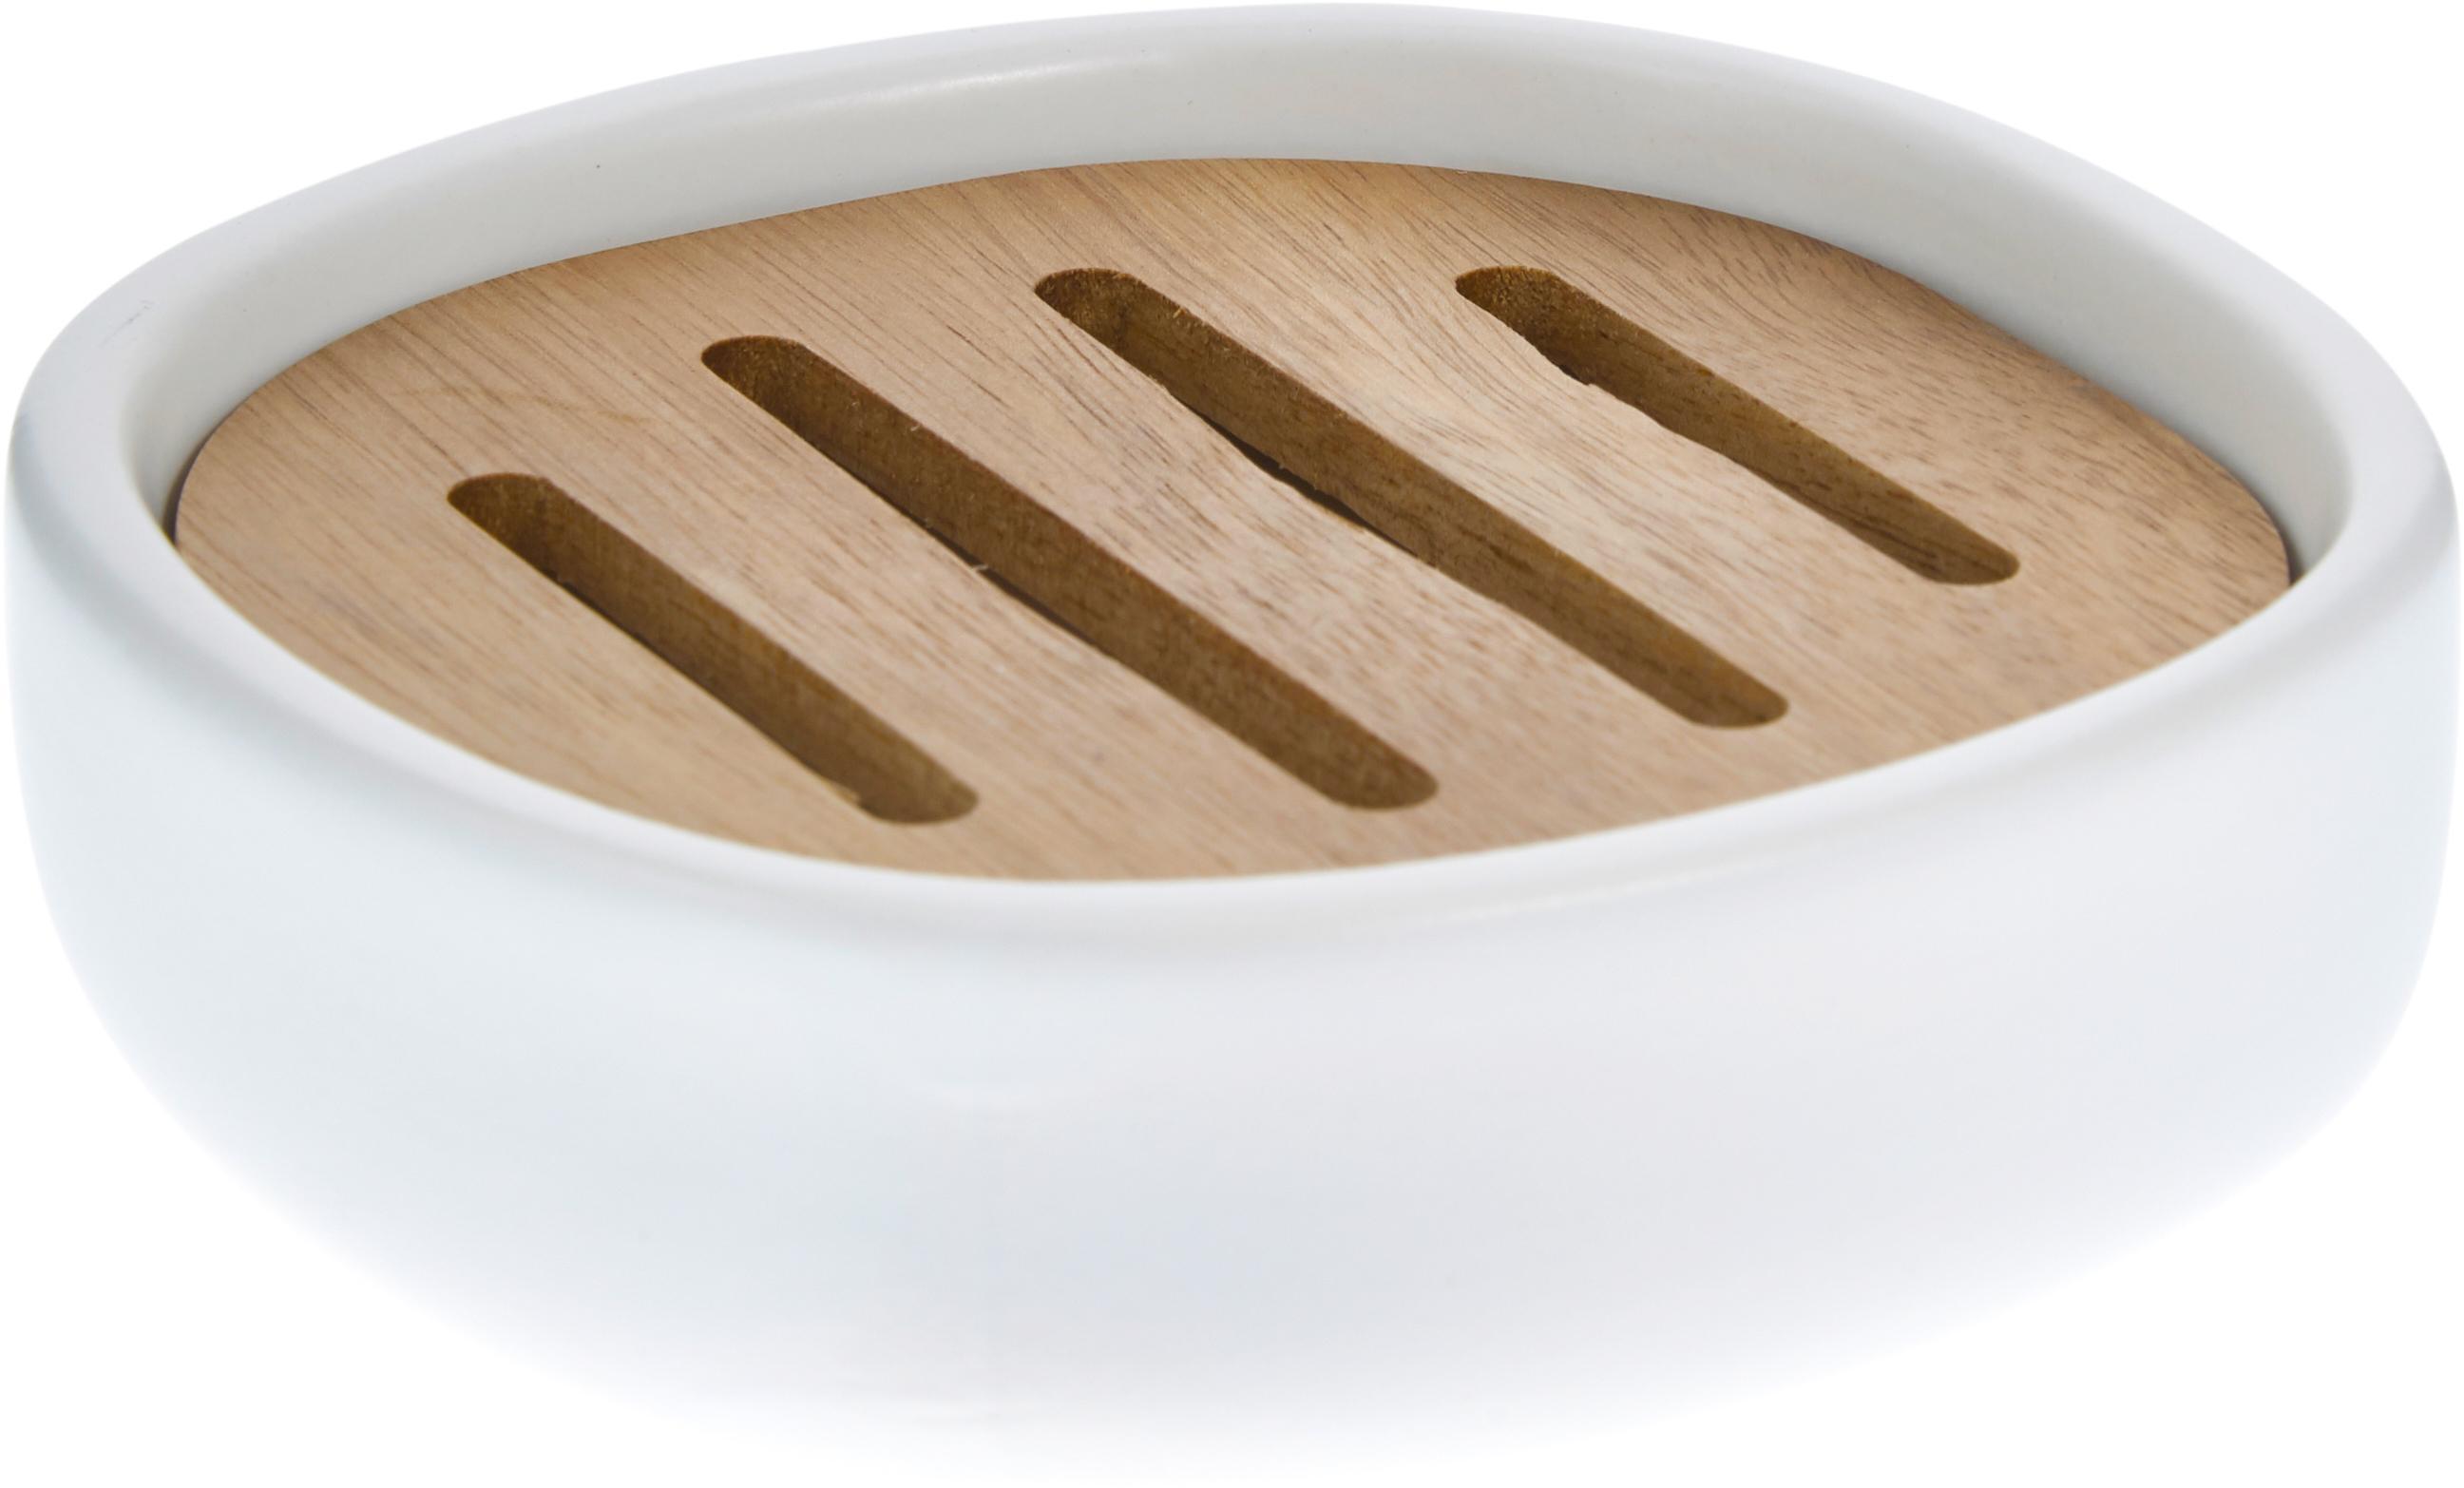 Mydelniczka Wili, Biały, drewno akacjowe, Ø 13 x W 4 cm